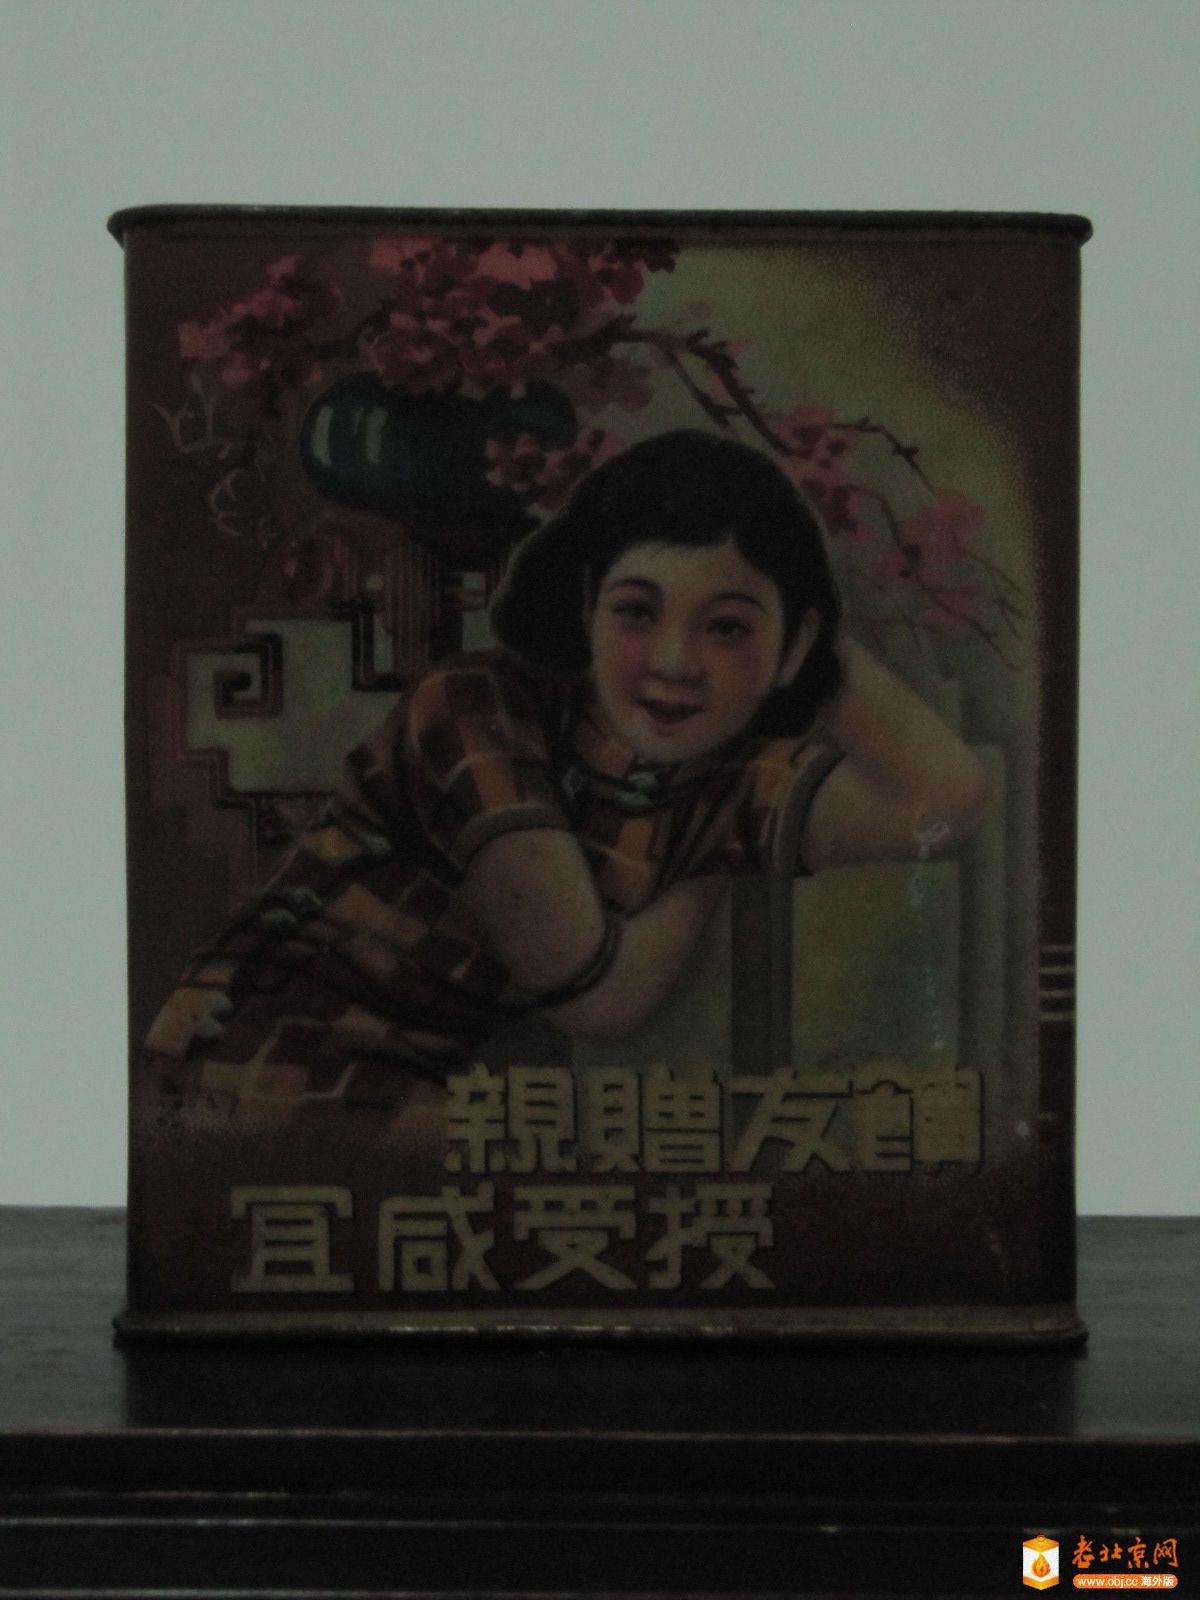 吴德泰-方-2.JPG